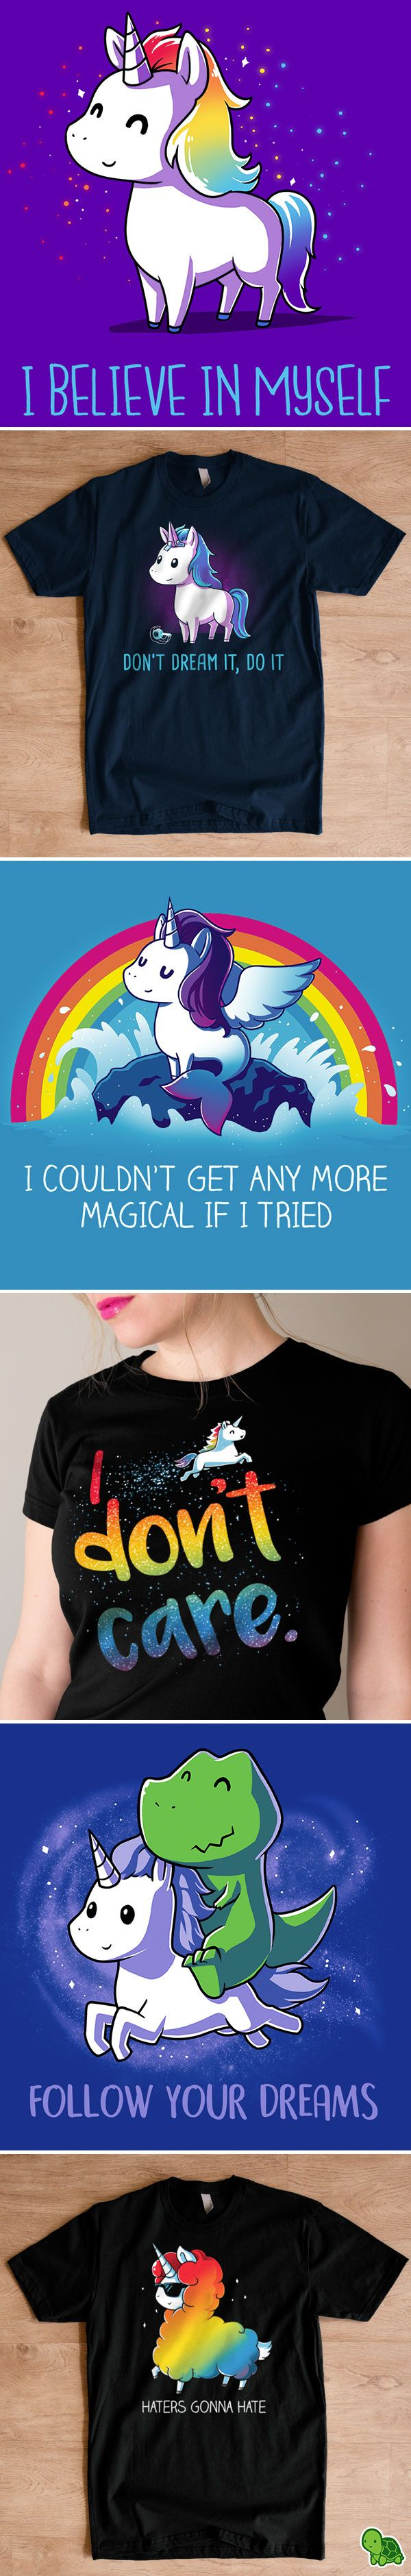 Make your closet MAGICAL!